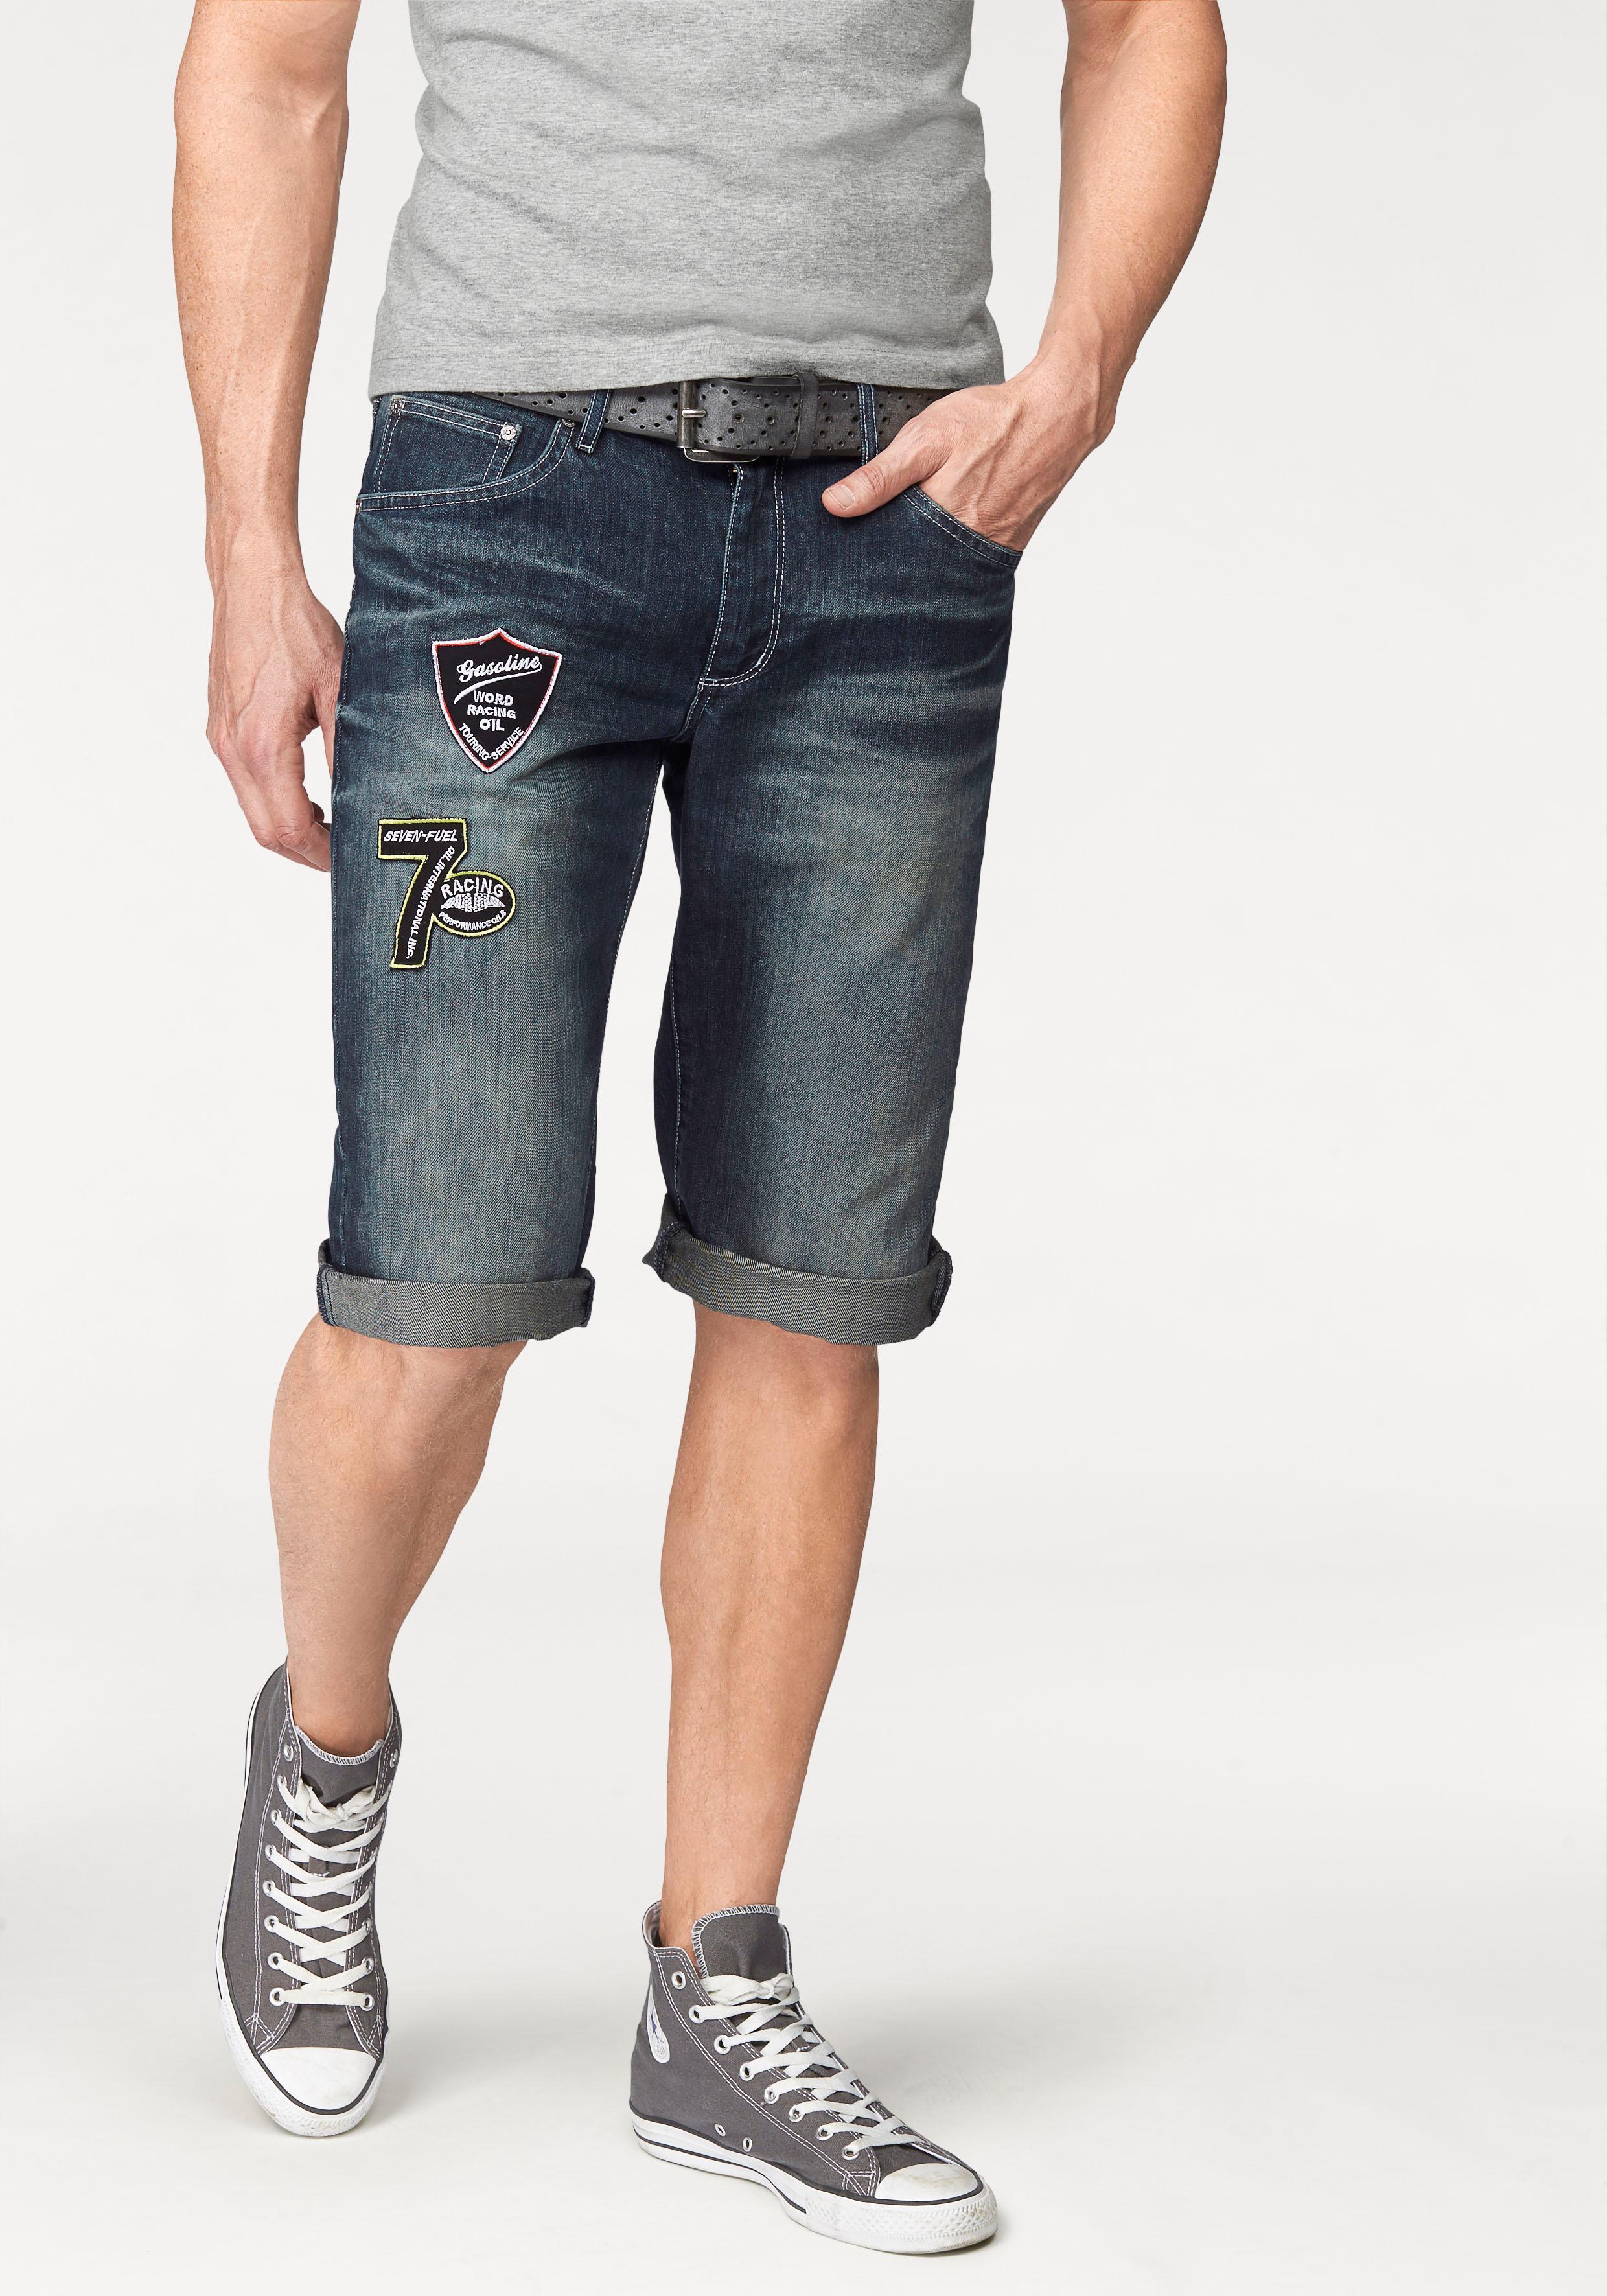 Bruno Banani Jeansbermudas | Bekleidung > Shorts & Bermudas > Jeans Bermudas | Blau | Denim | BRUNO BANANI